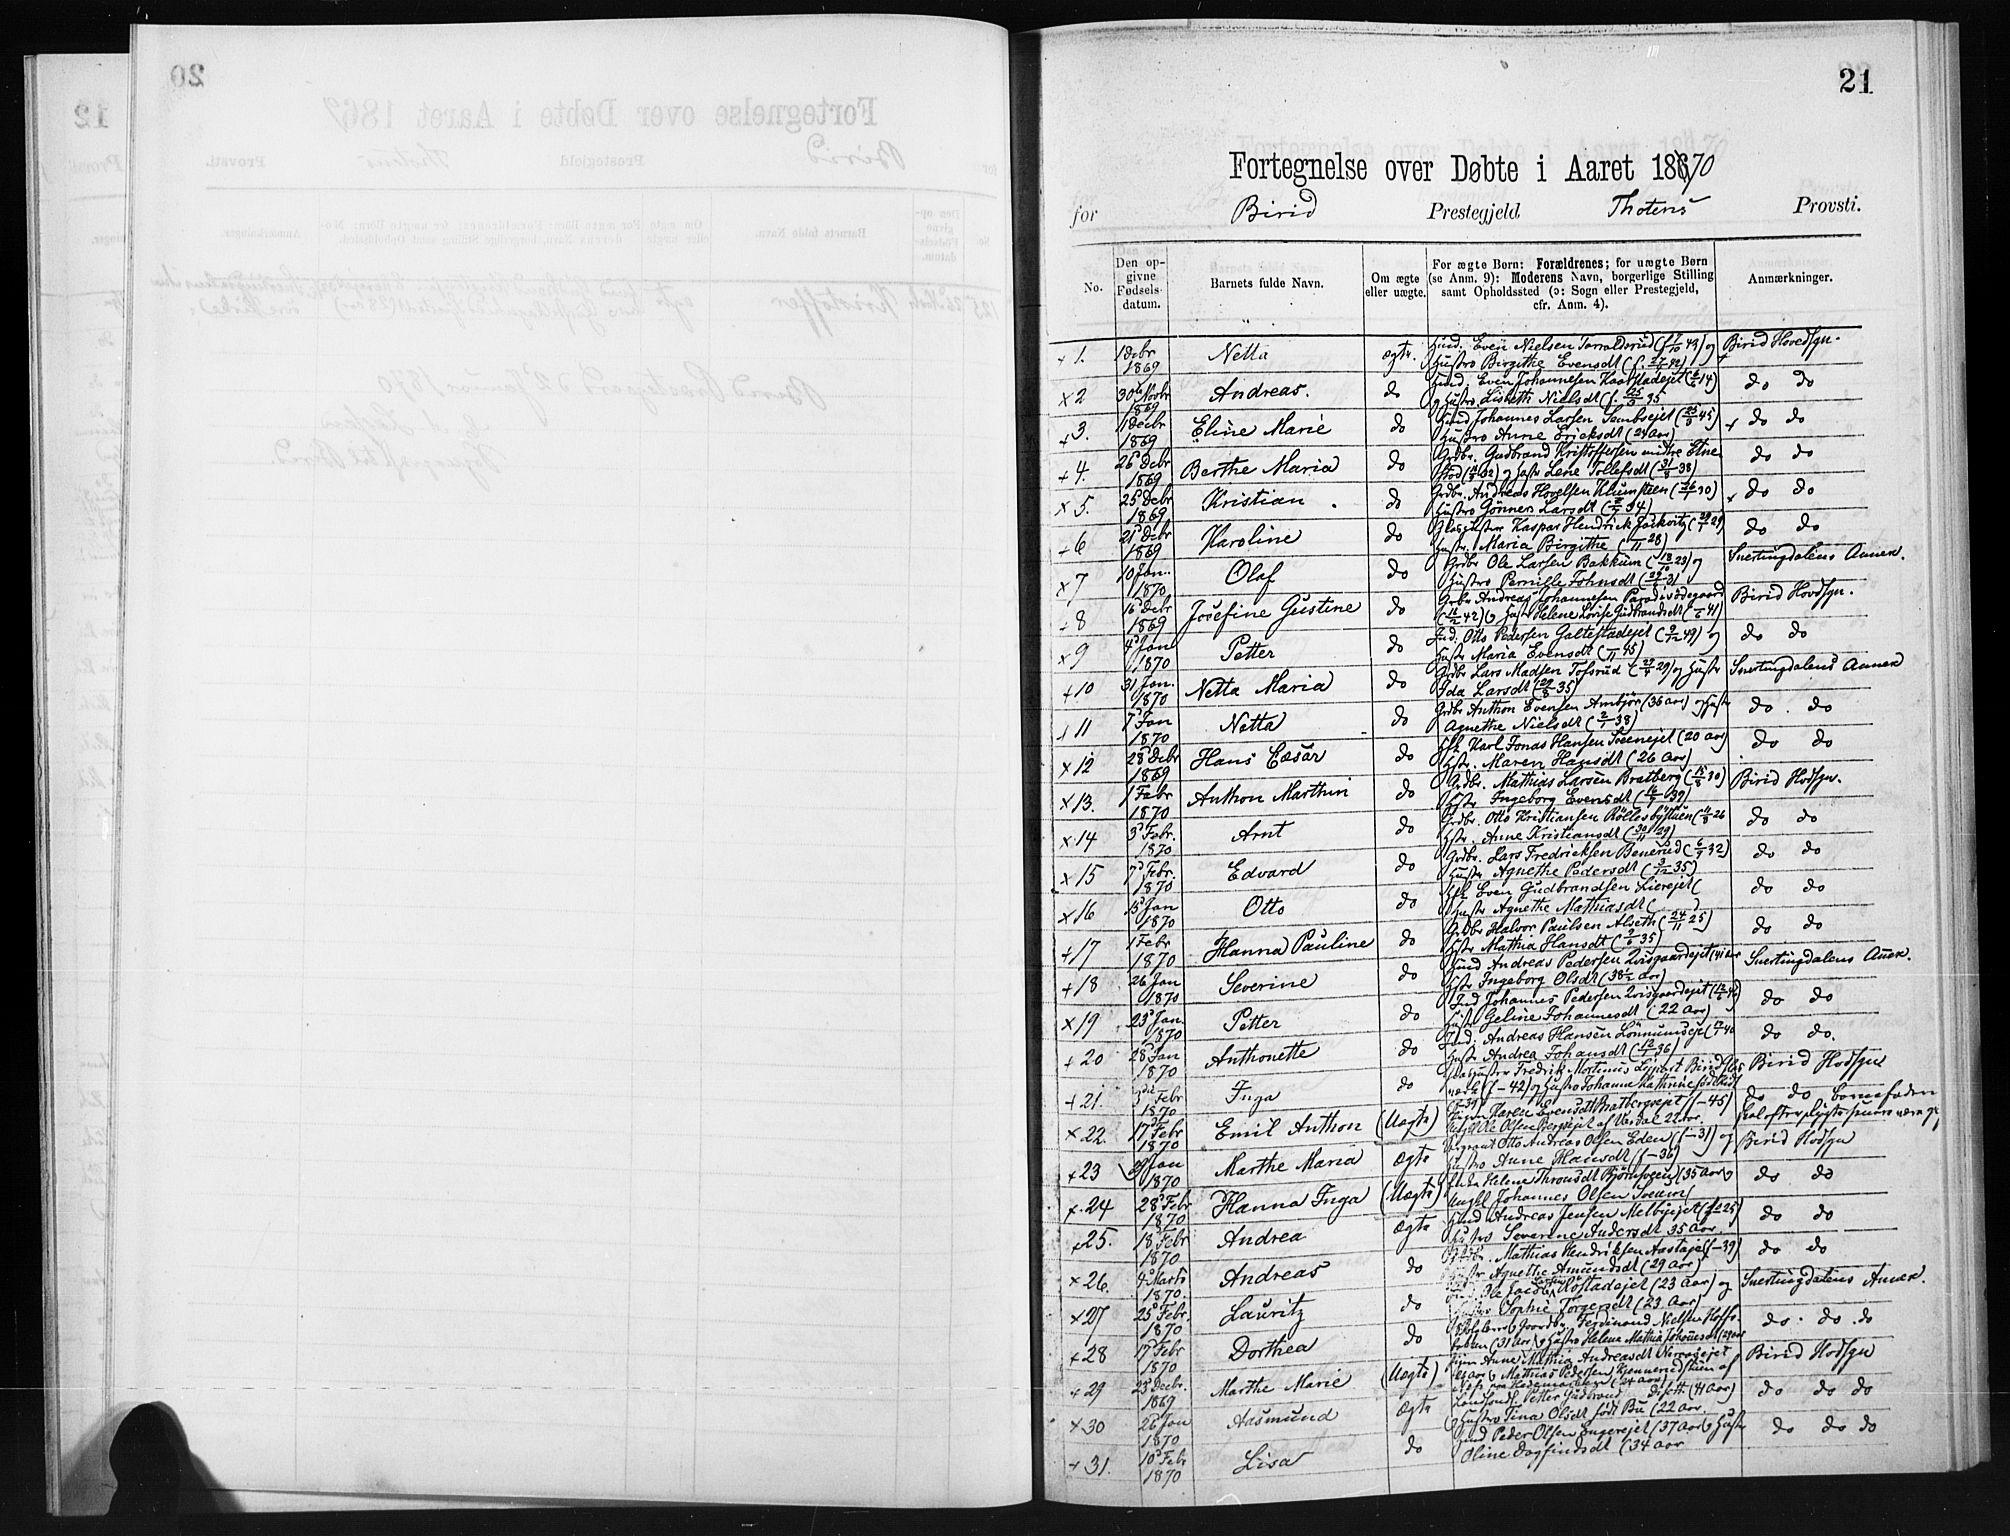 SAH, Biri prestekontor, Ministerialbok, 1866-1872, s. 21